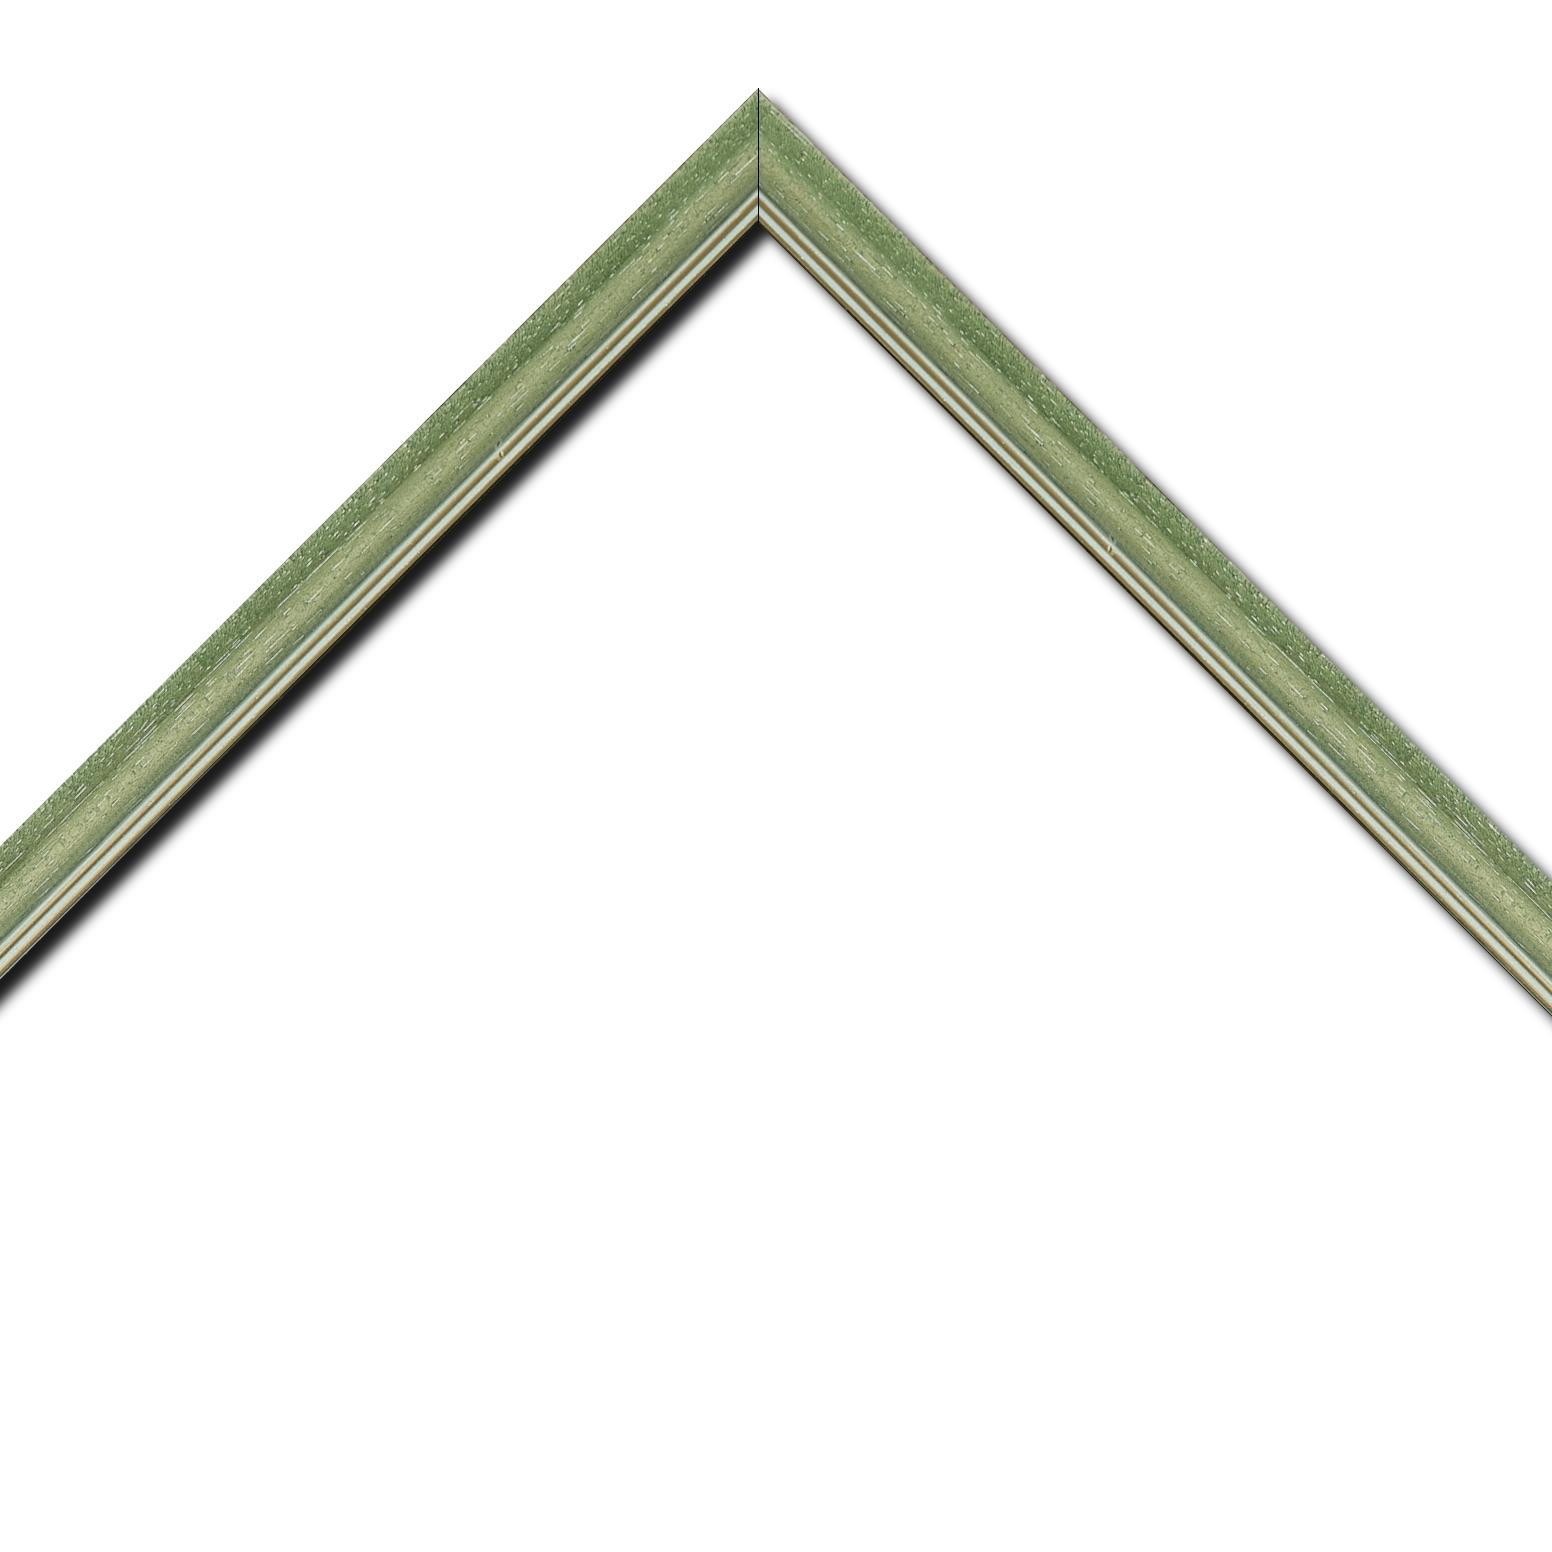 Baguette bois profil doucine inversée largeur 2.3cm vert cérusé double filet or